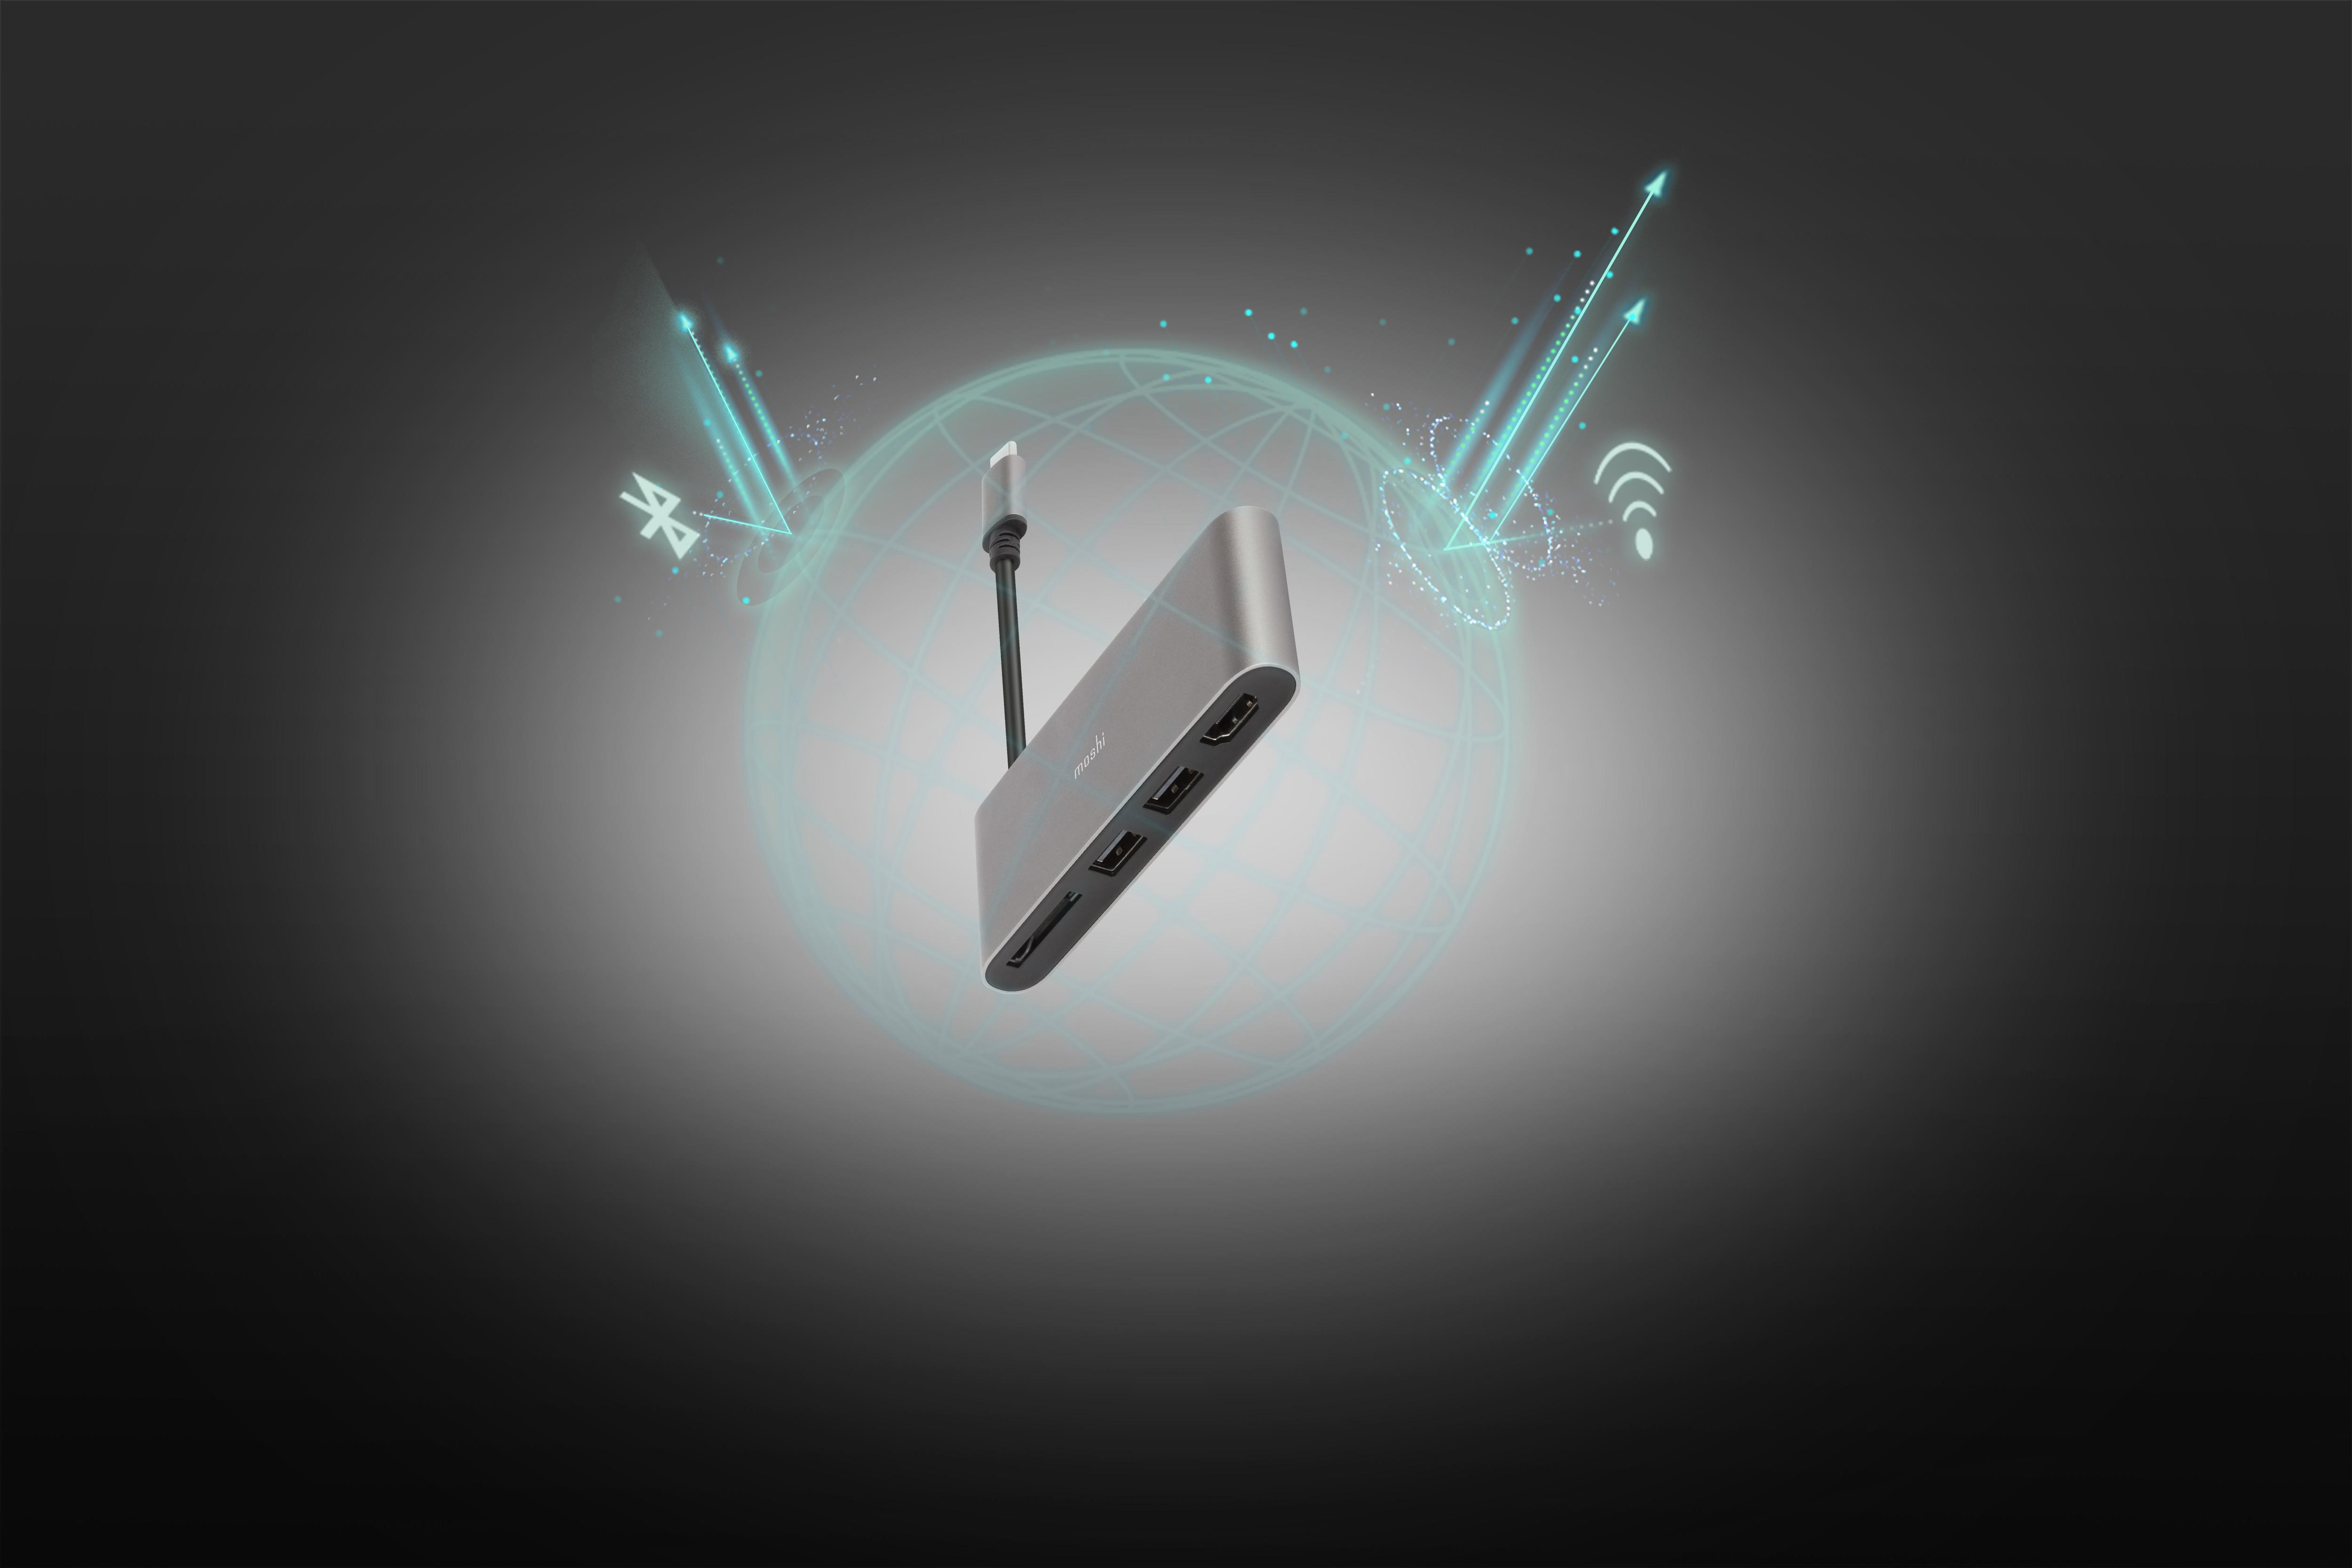 Корпус адаптера из авиационного алюминия не только минимизирует электромагнитные помехи, но и дополняет внешний вид вашего устройства.